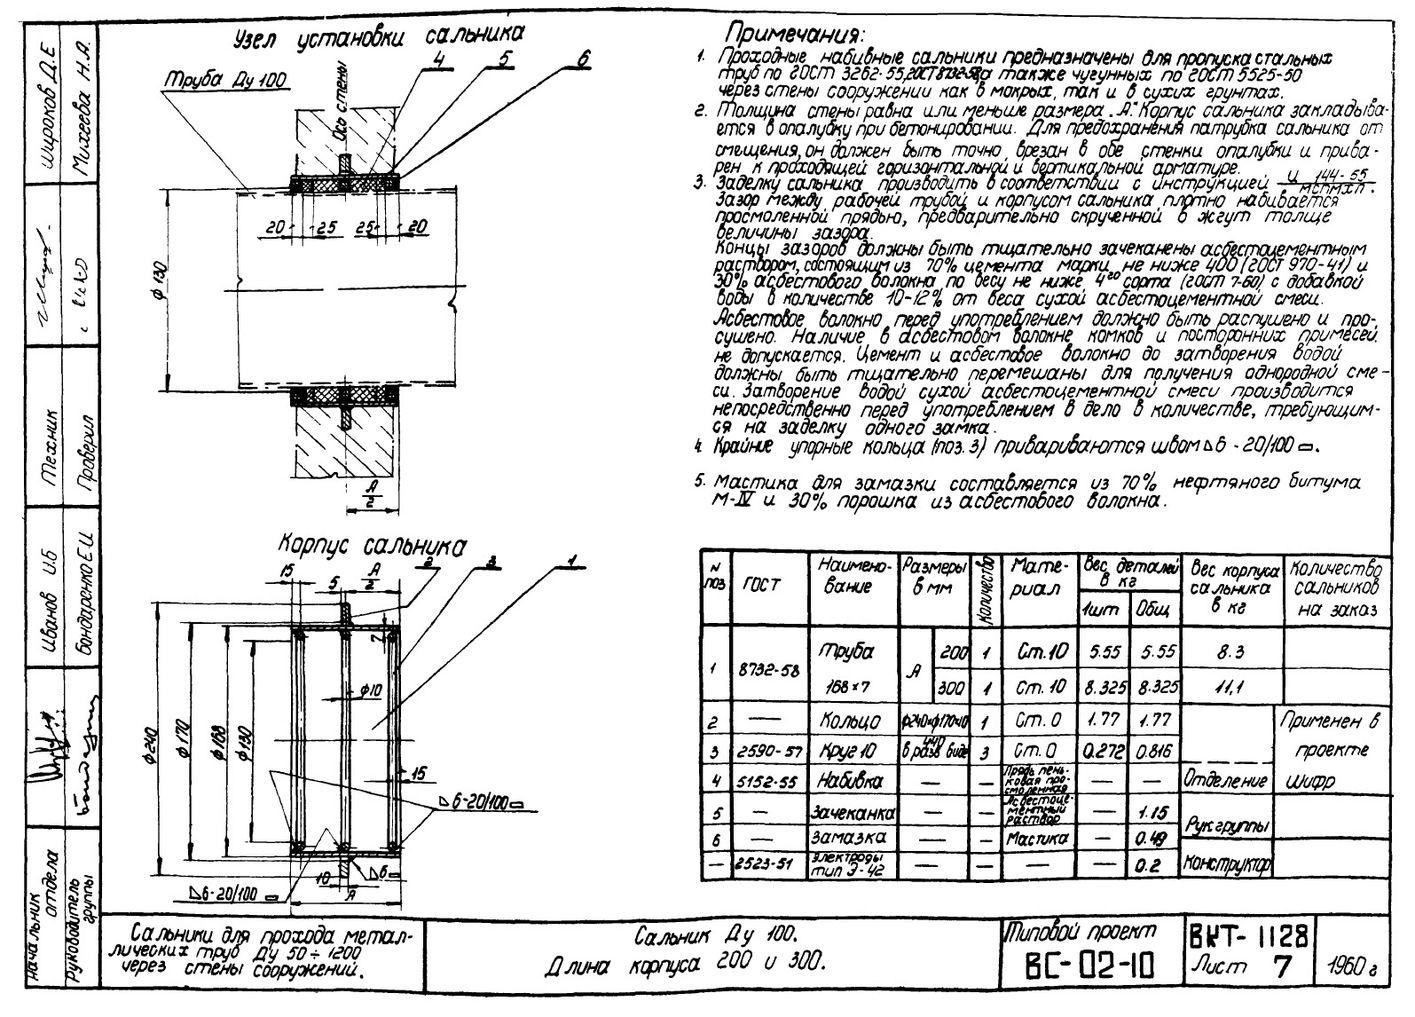 Сальники набивные L = 300 мм типовой проект ВС-02-10 стр.3